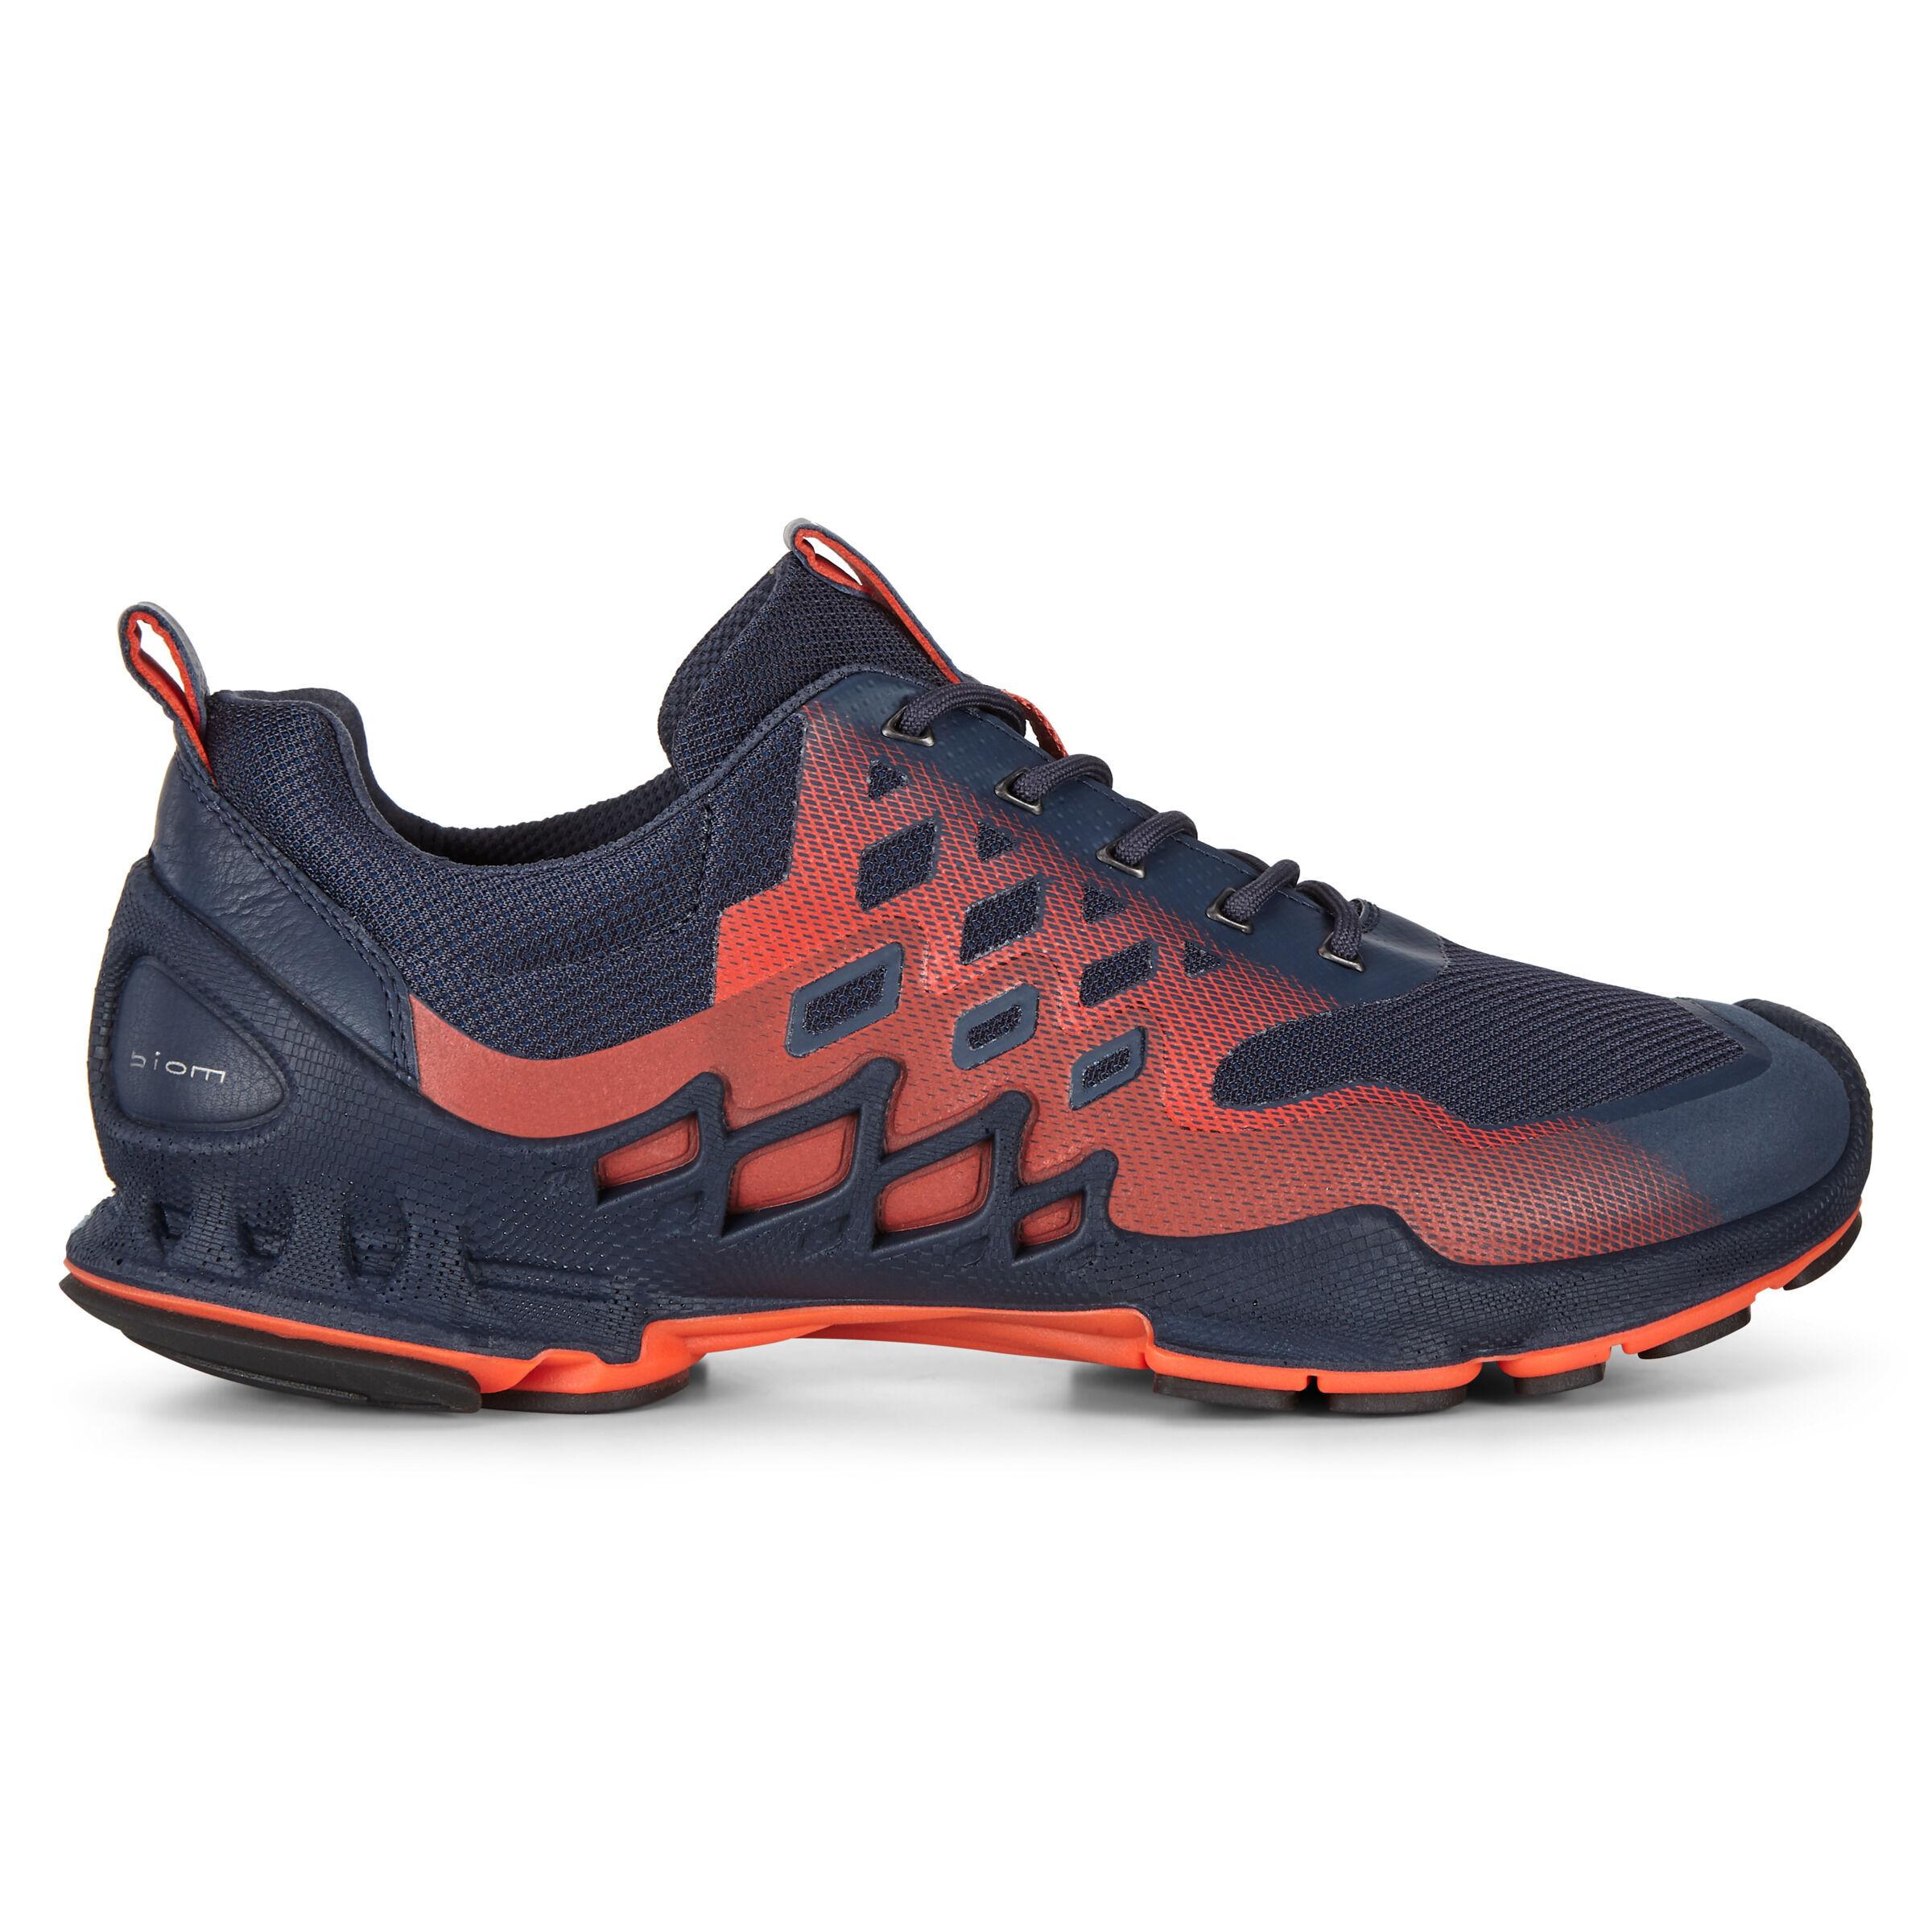 ECCO BIOM Aex Mens Low Two-tone Shoes: 6 - Marine